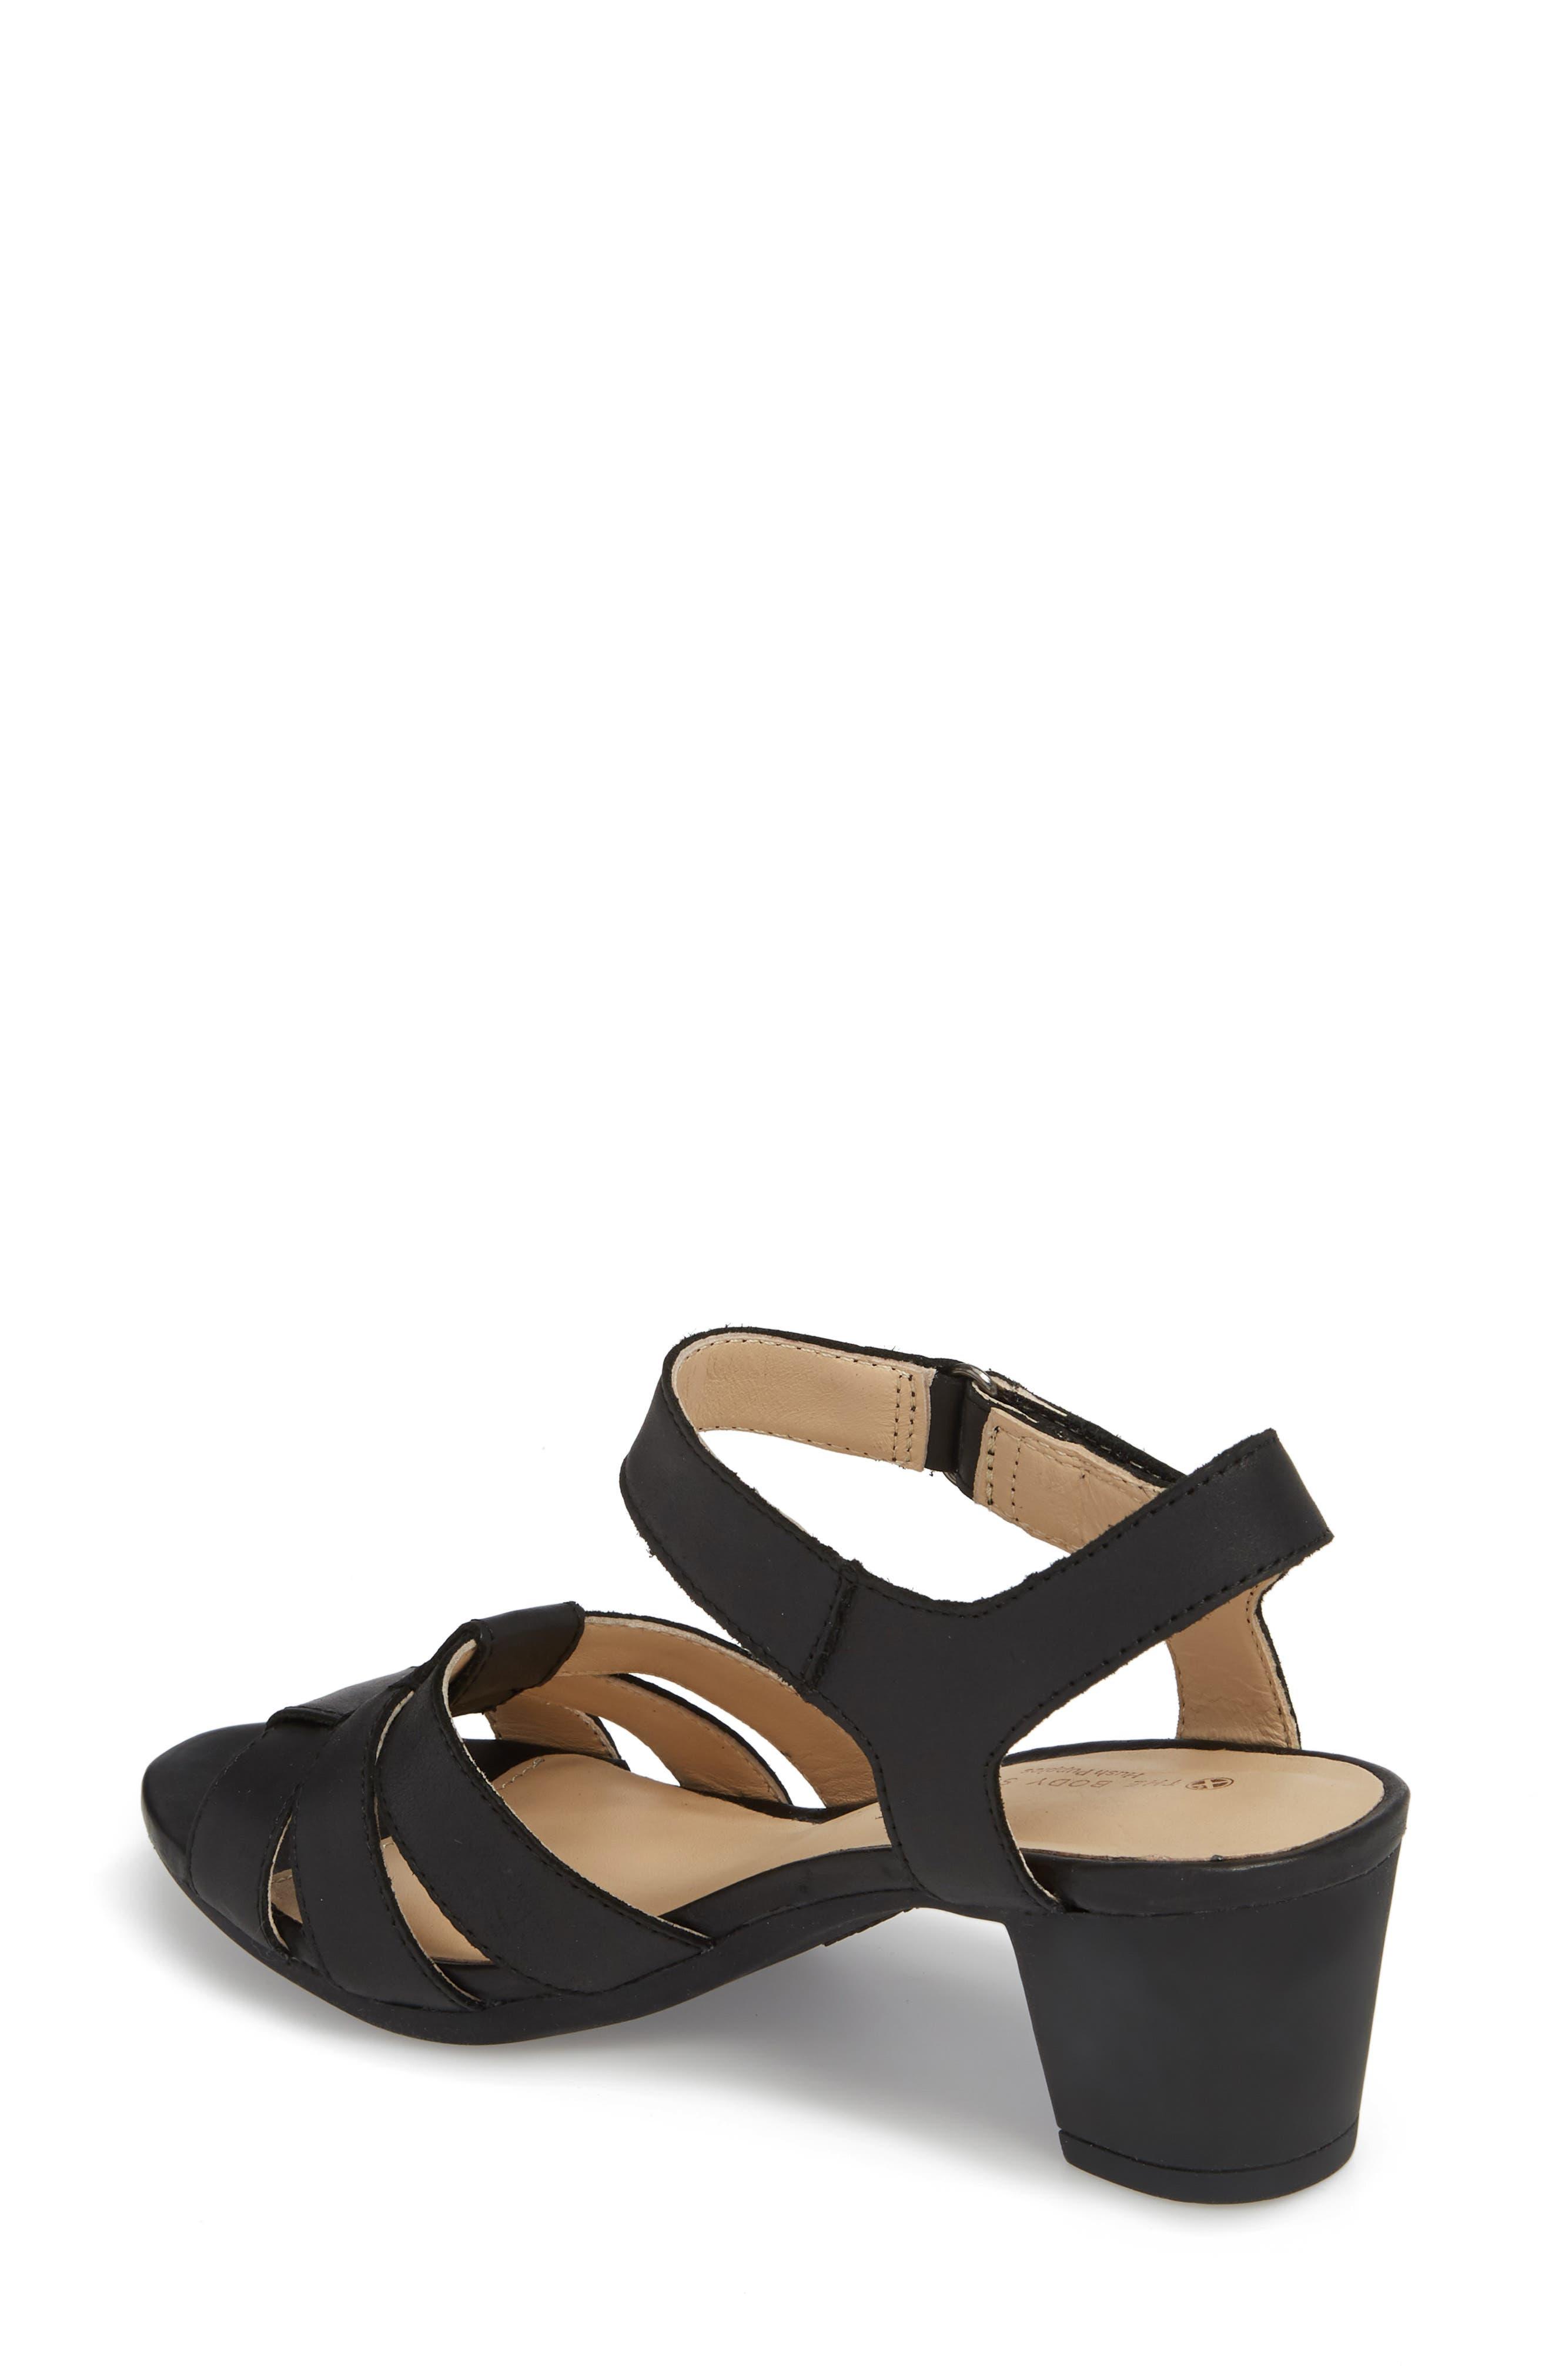 Masseter Quarter Strap Sandal,                             Alternate thumbnail 2, color,                             007